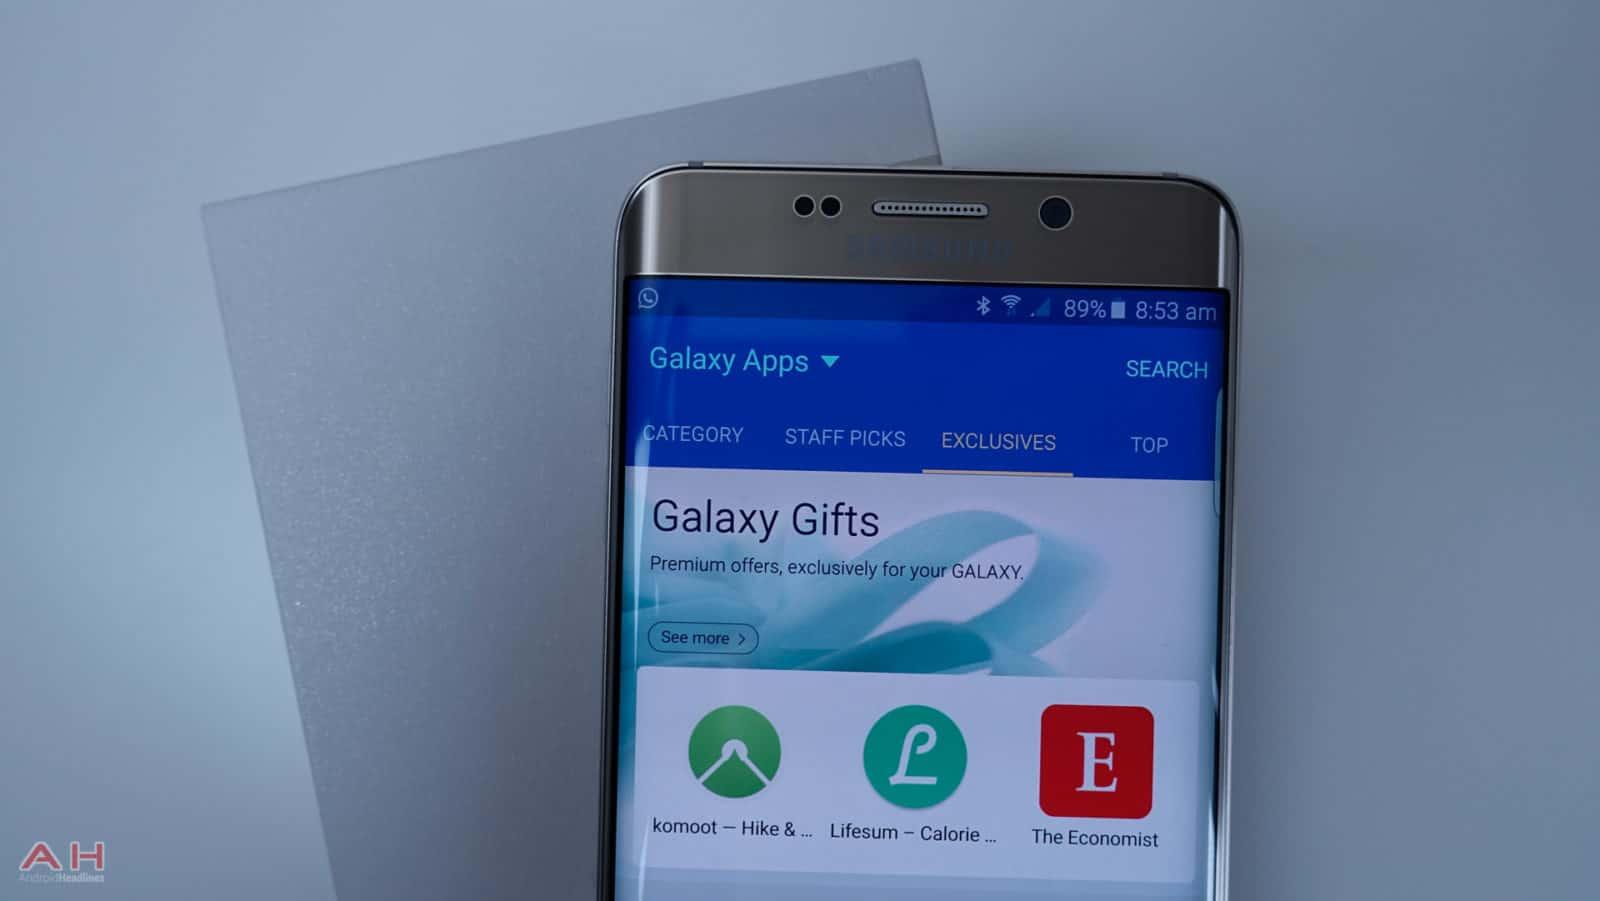 Galaxy-Gifts-AH-1